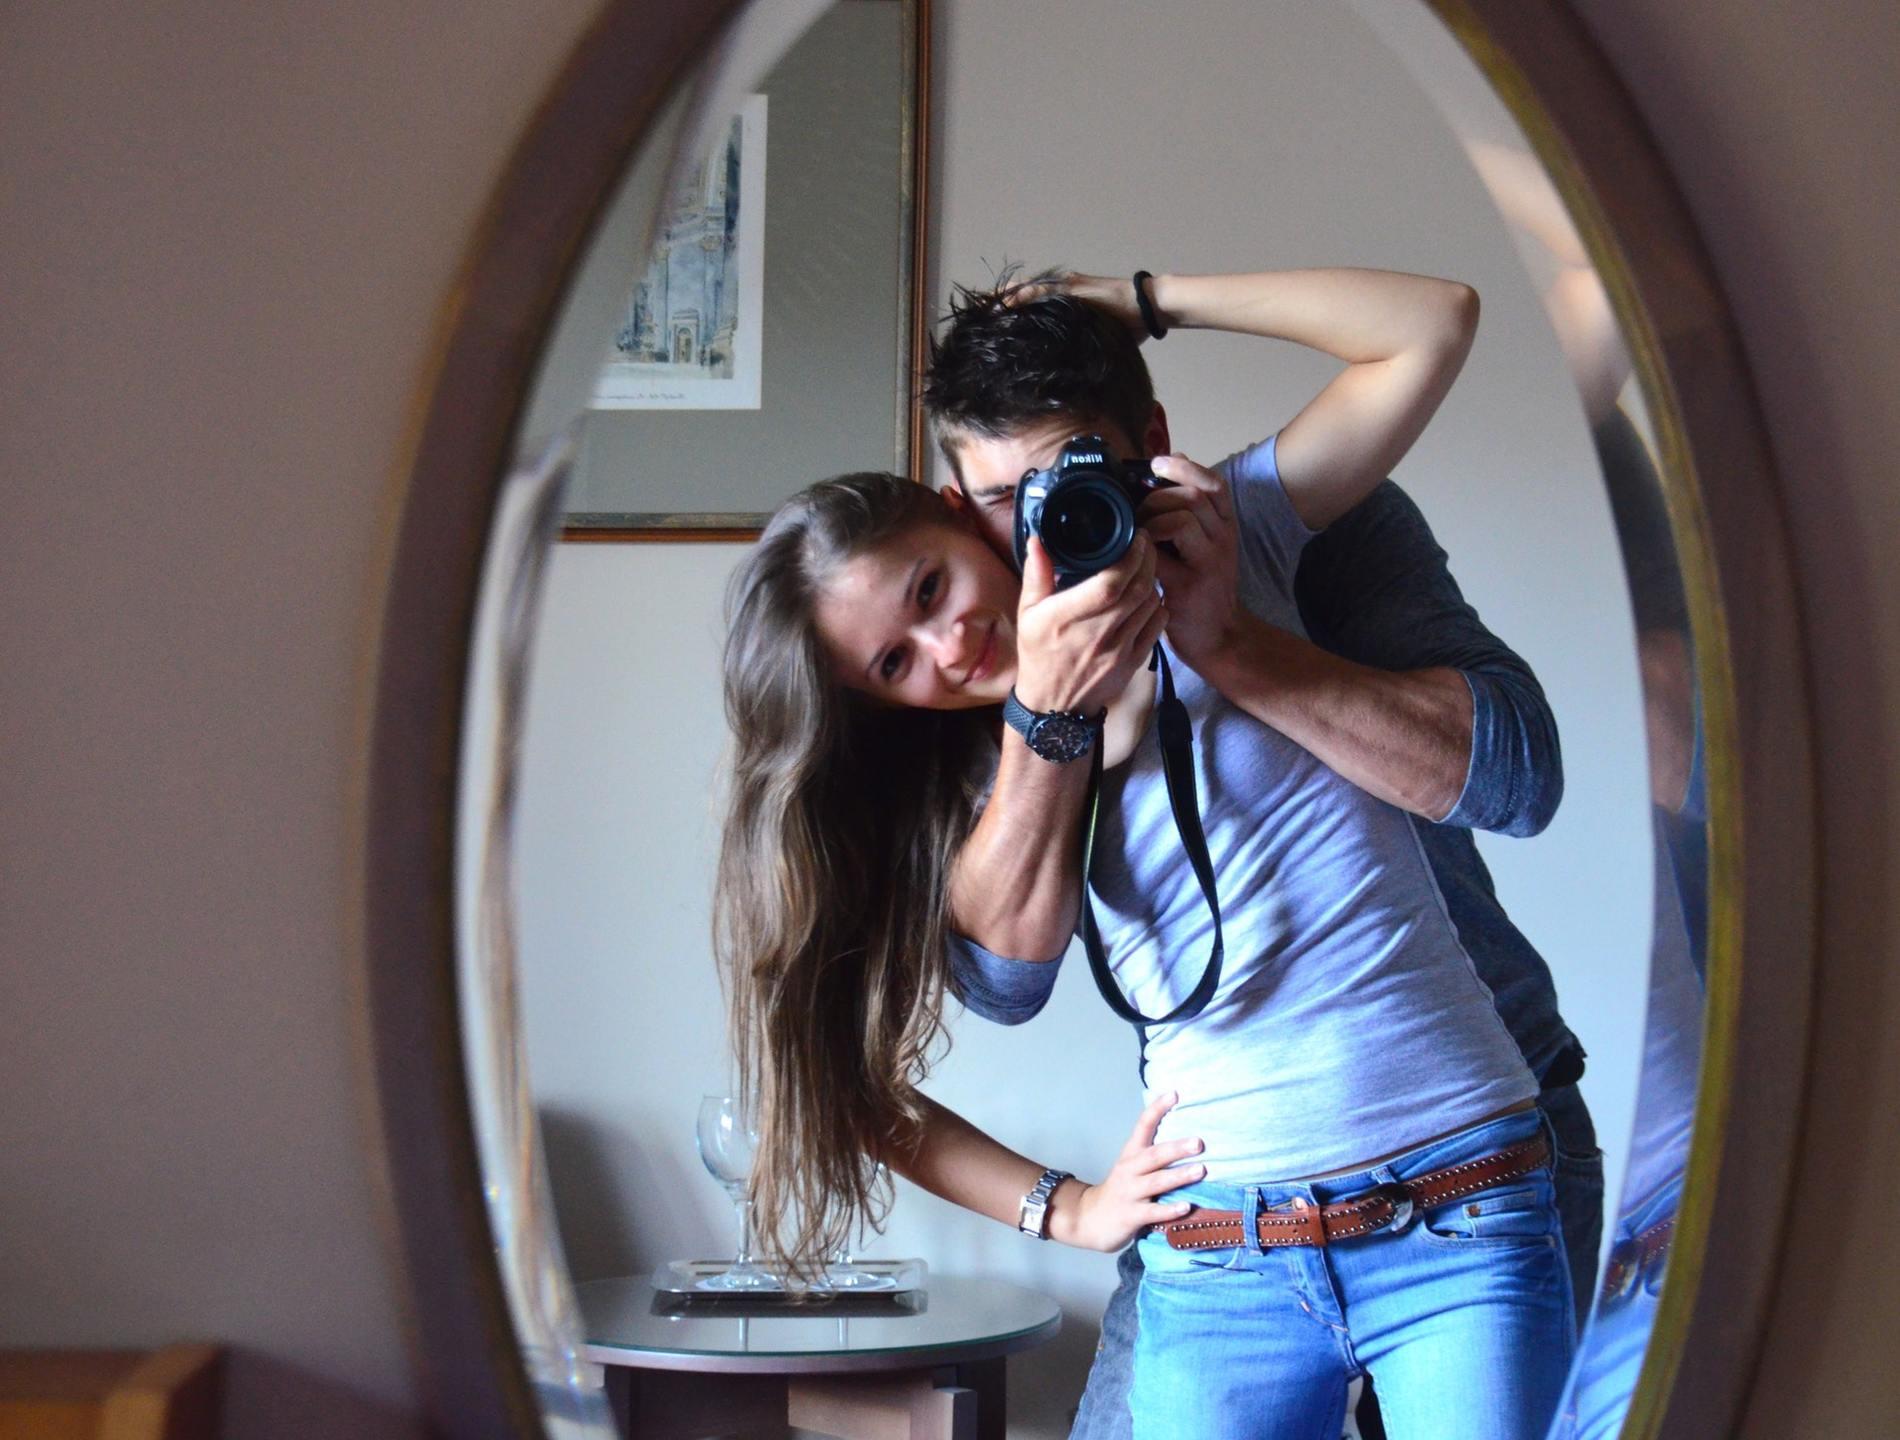 фотопечатью екатеринбурге, загрузить фото зеркало окном